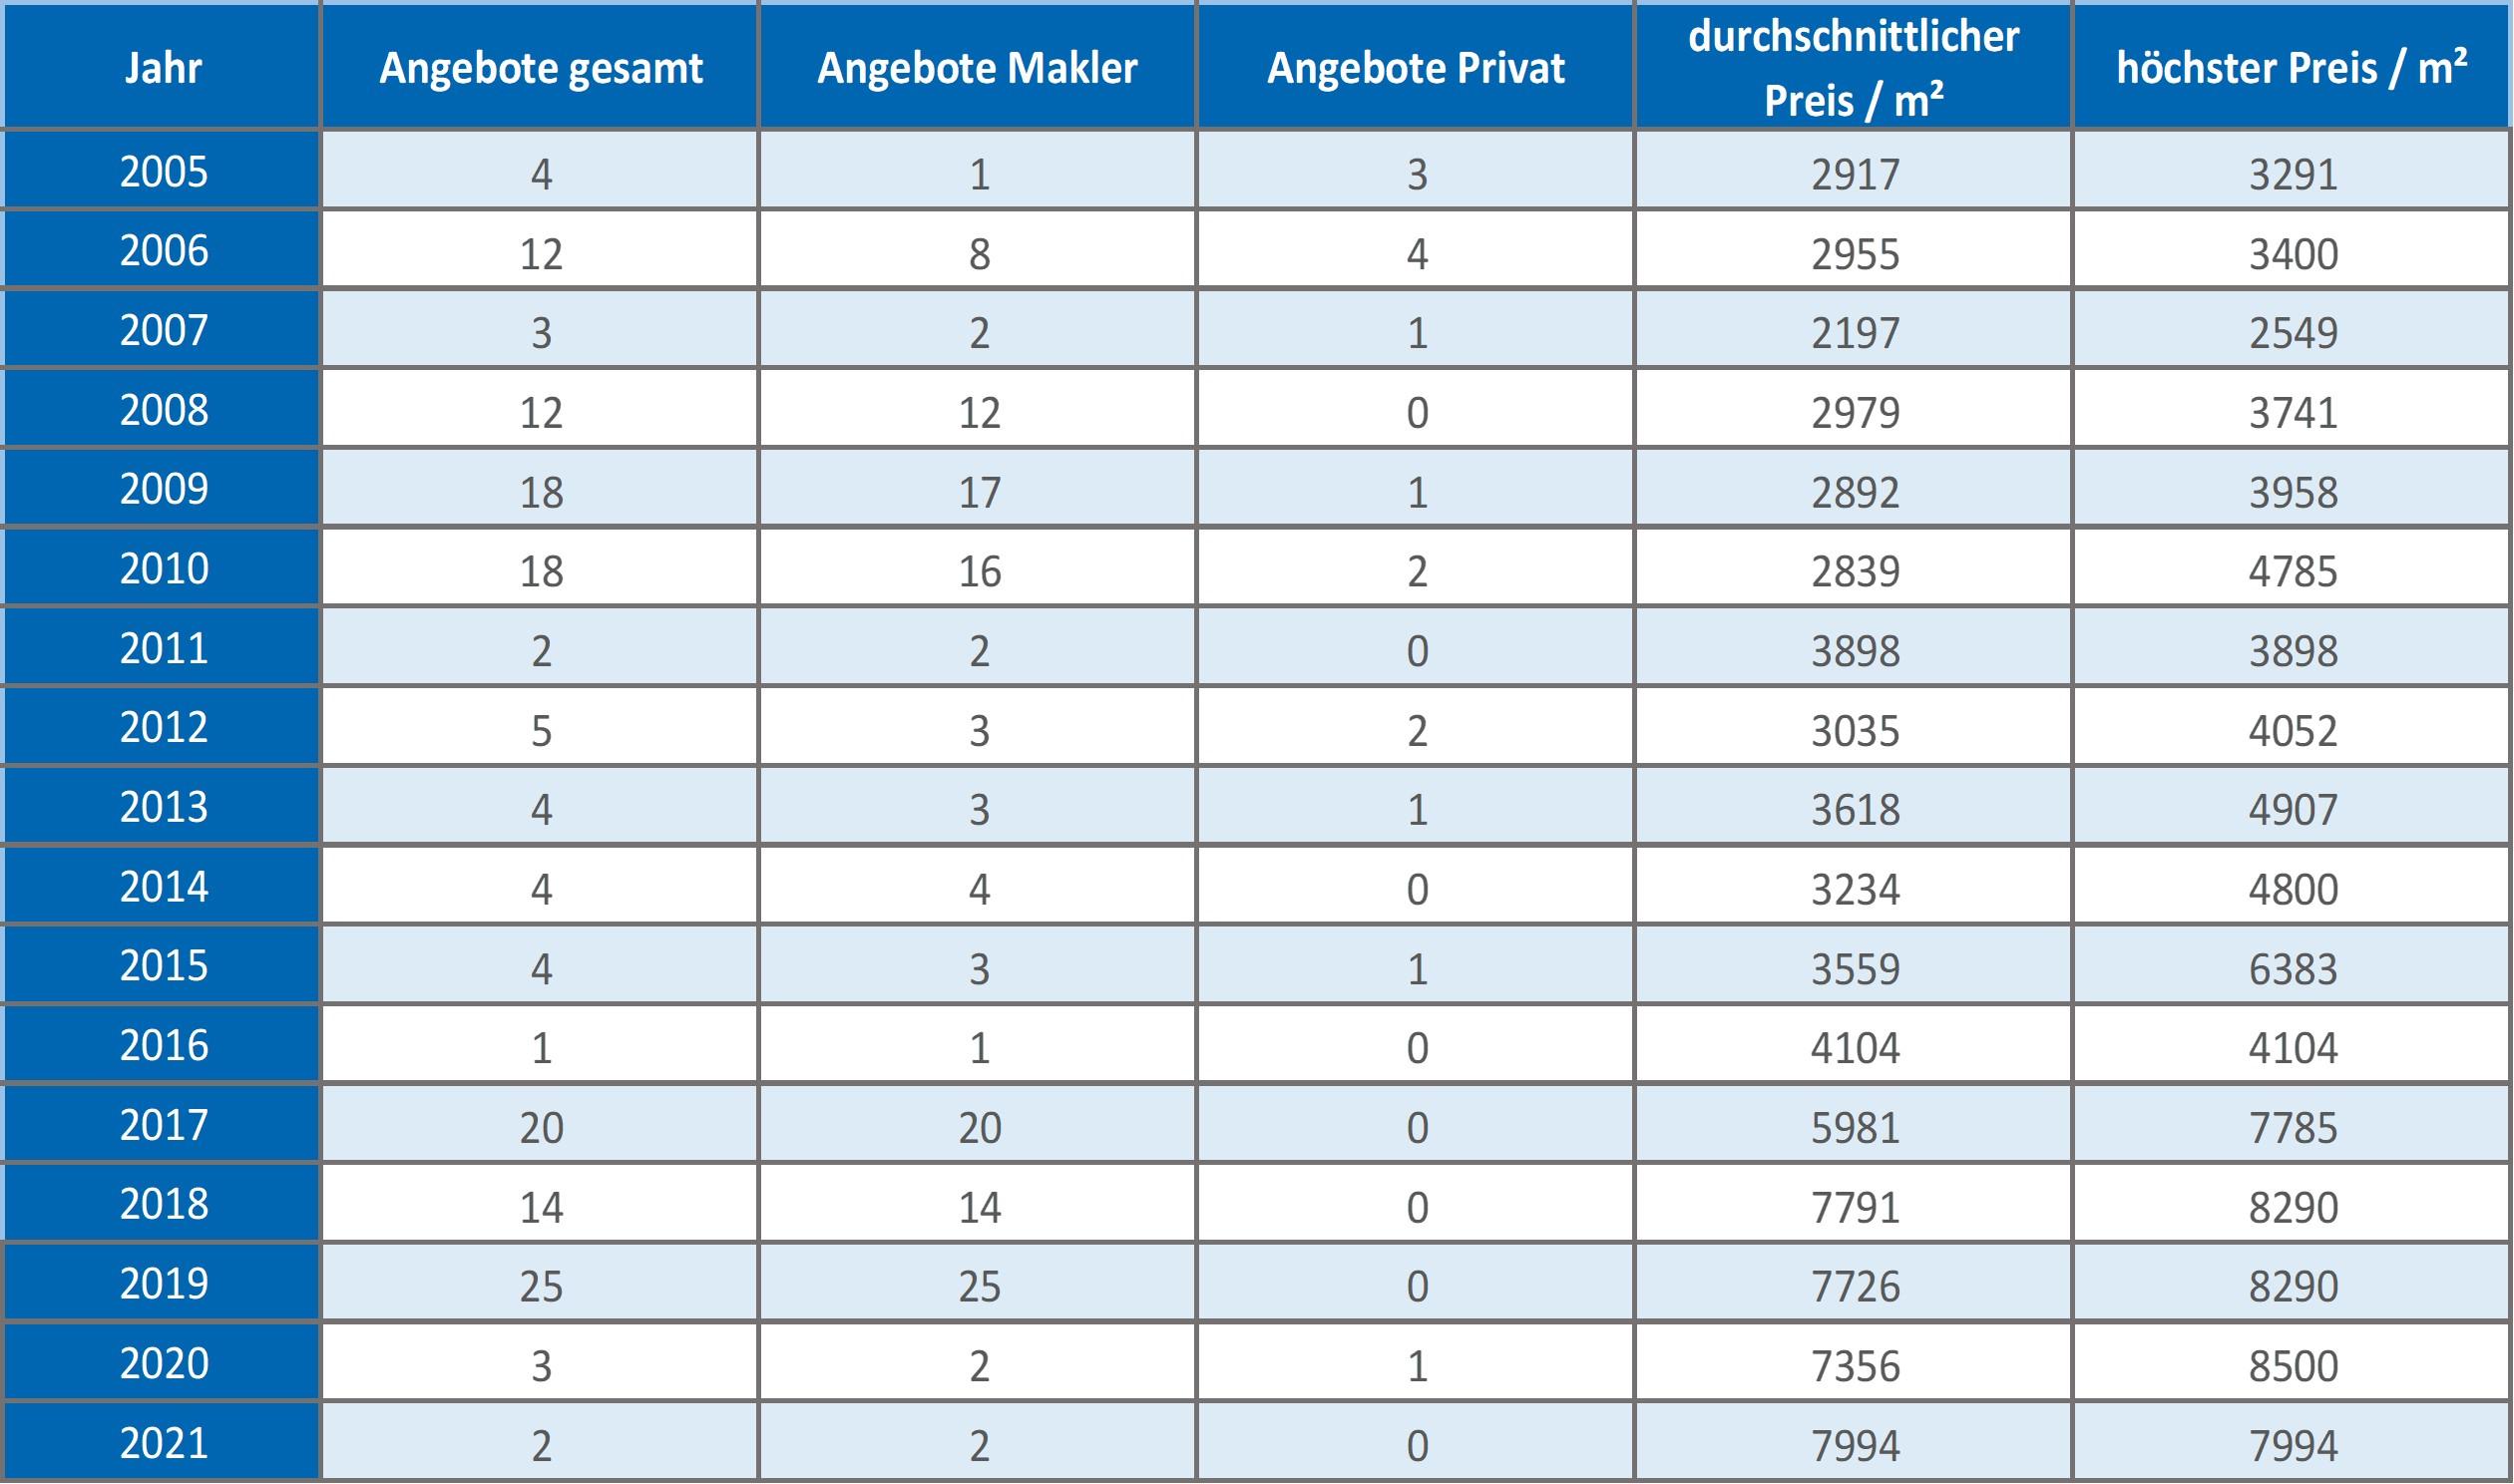 Baierbrunn-Wohnung-kaufen-verkaufen-Makler 2019, 2020, 2021